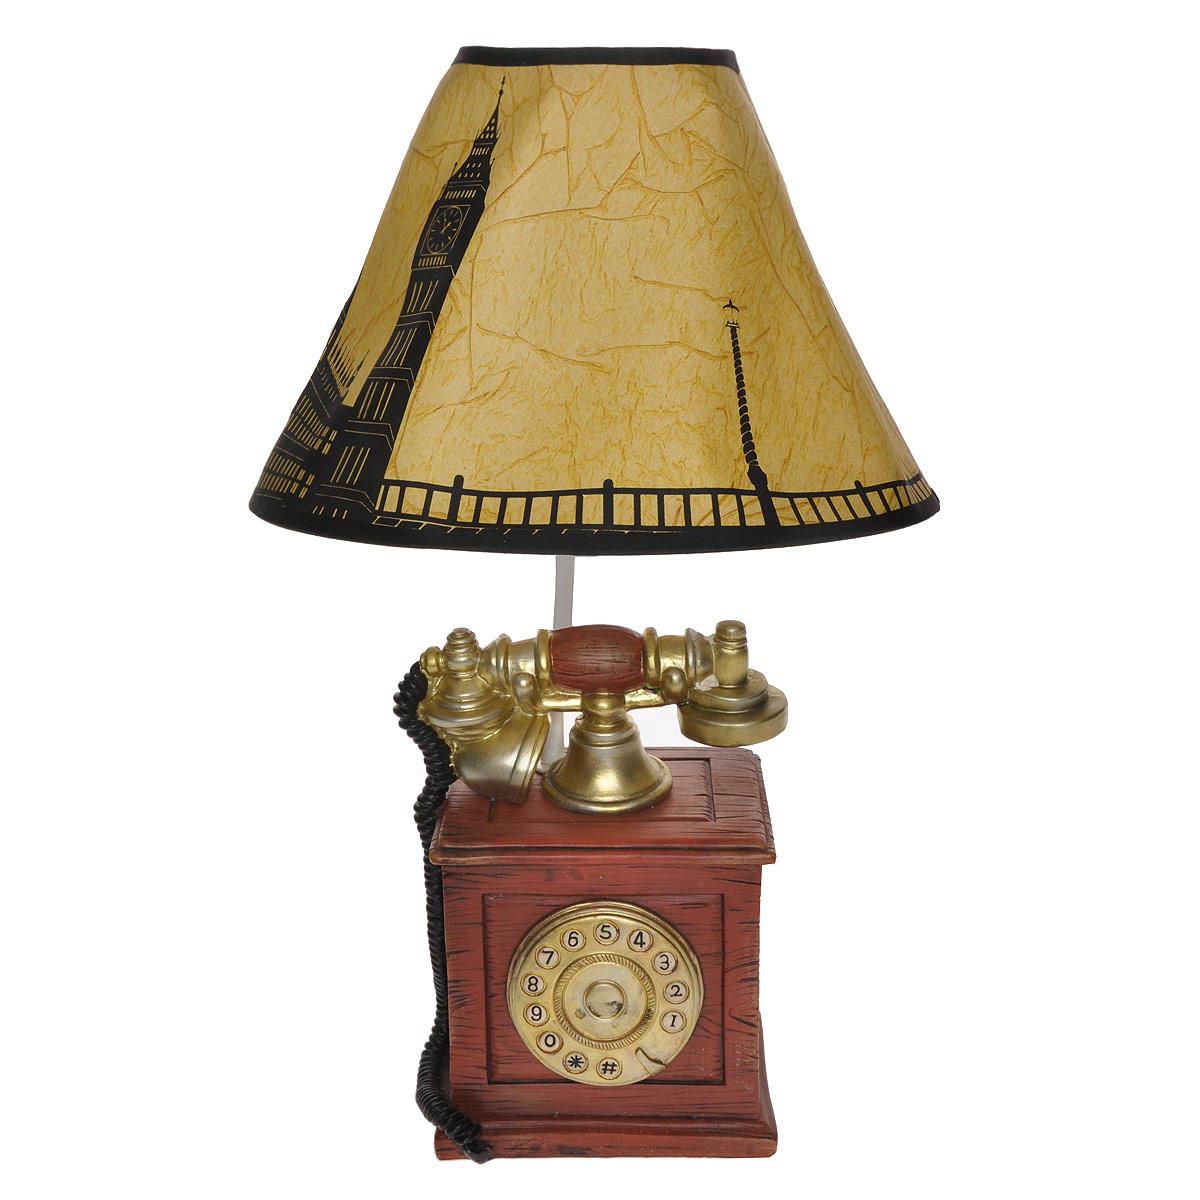 Светильник настольный Телефон. 2934929349Настольный светильник Телефон, изготовленный из полирезины, выполнен в виде старинного телефона и оформлен картонным абажуром с графическим рисунком города. Такой светильник прекрасно подойдет для украшения интерьера и создания атмосферы тепла и уюта. Внутри светильника расположена лампа накаливания. Светильник работает от электросети и включается при помощи кнопки на шнуре.Характеристики: Материал: полистоун, металл, пластик, картон. Высота светильника: 40 см. Диаметр абажура: 26 см. Размер основания светильника: 14 см х 11 см. Мощность лампы: 40 Вт (входит в комплект). Цоколь: Е27. Напряжение: 220 В, частота 50 Гц.